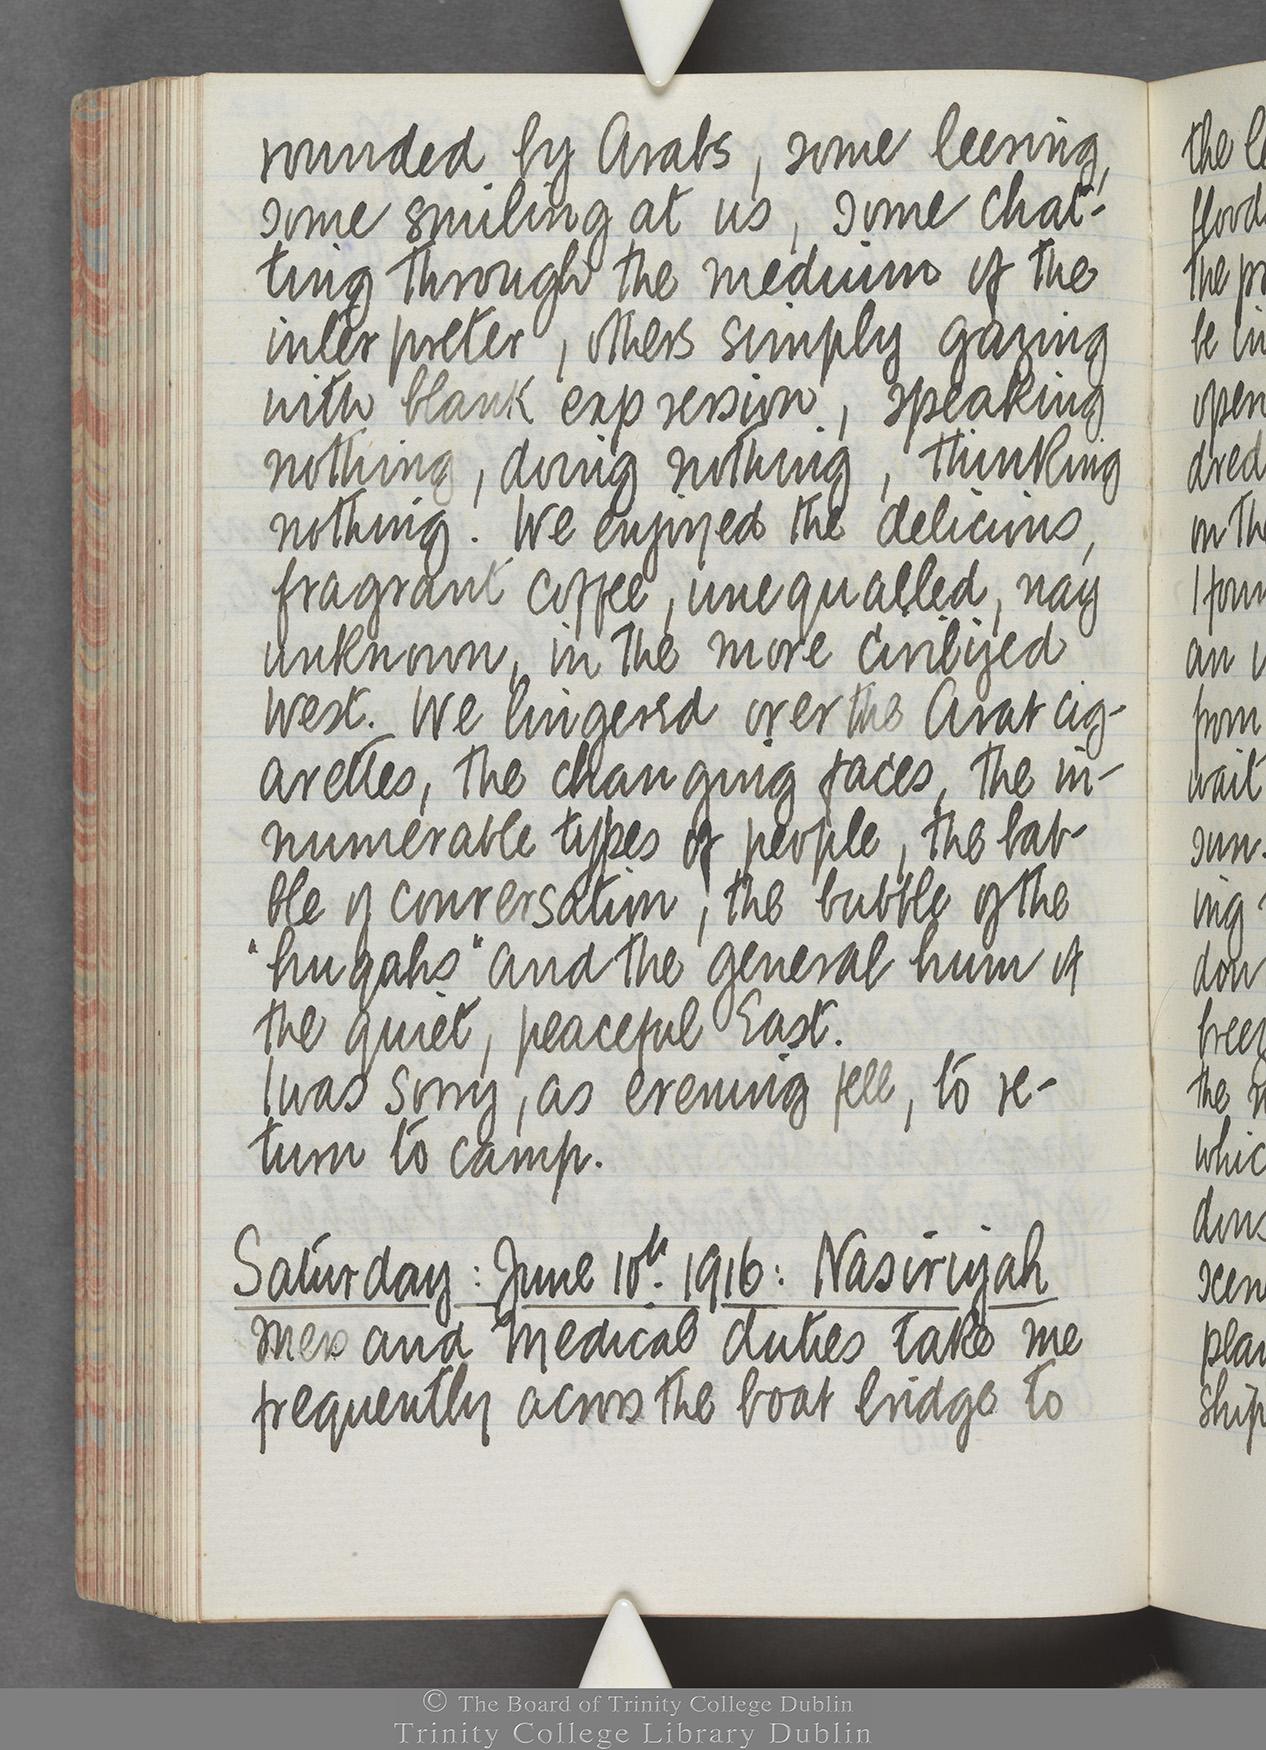 TCD MS 10515 folio 122 verso